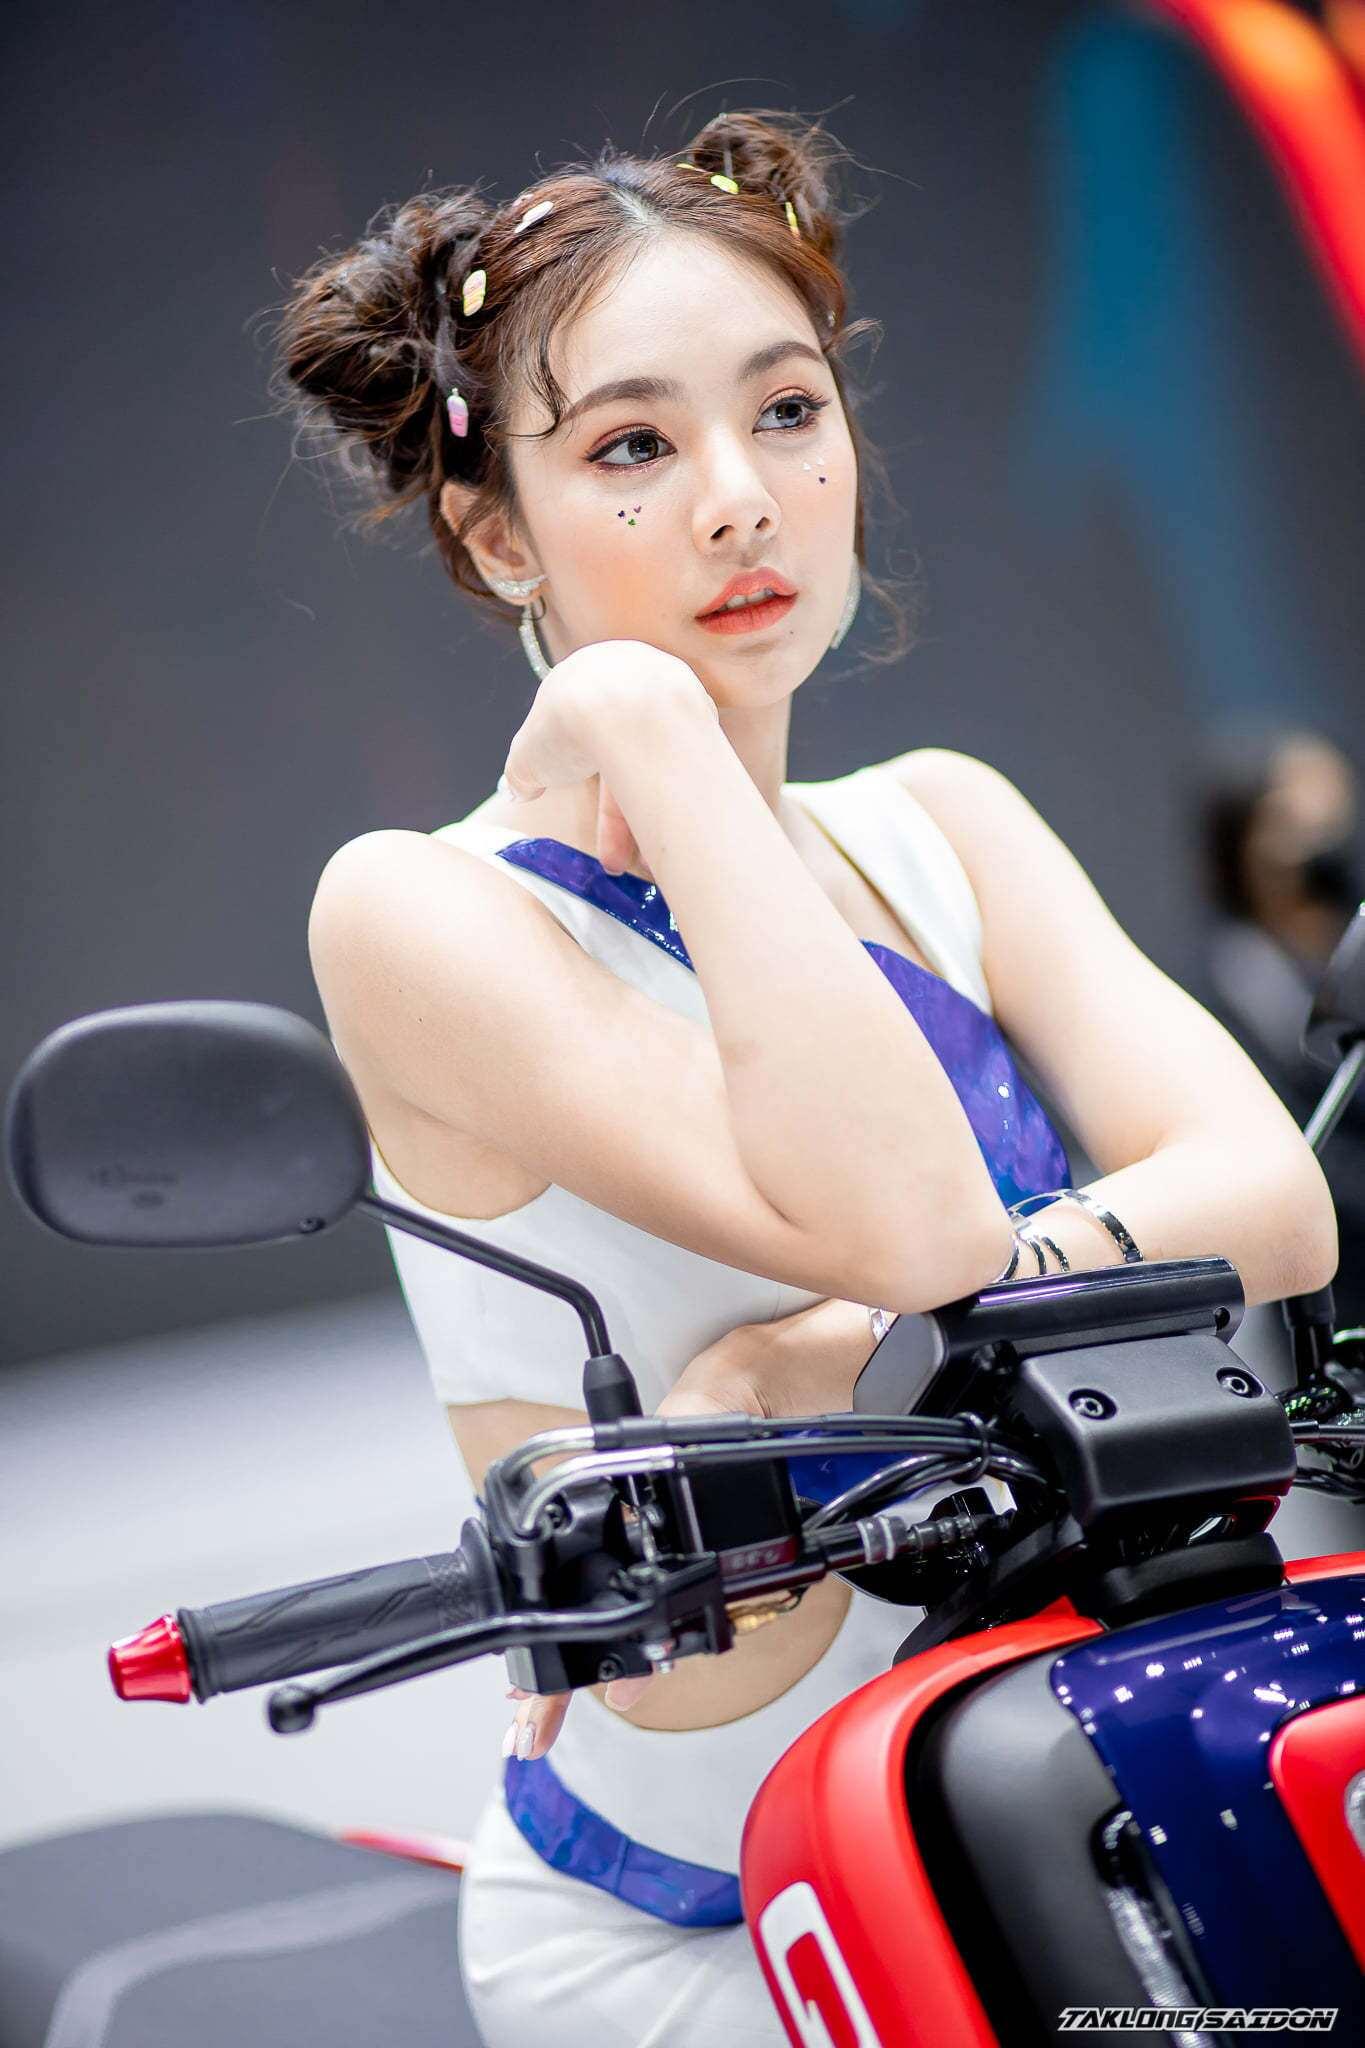 Tại triển lãm xe Bangkok 2021 vừa diễn ra có sự góp mặt nhiều mẫu xe mới và dàn người đẹp Thái Lan